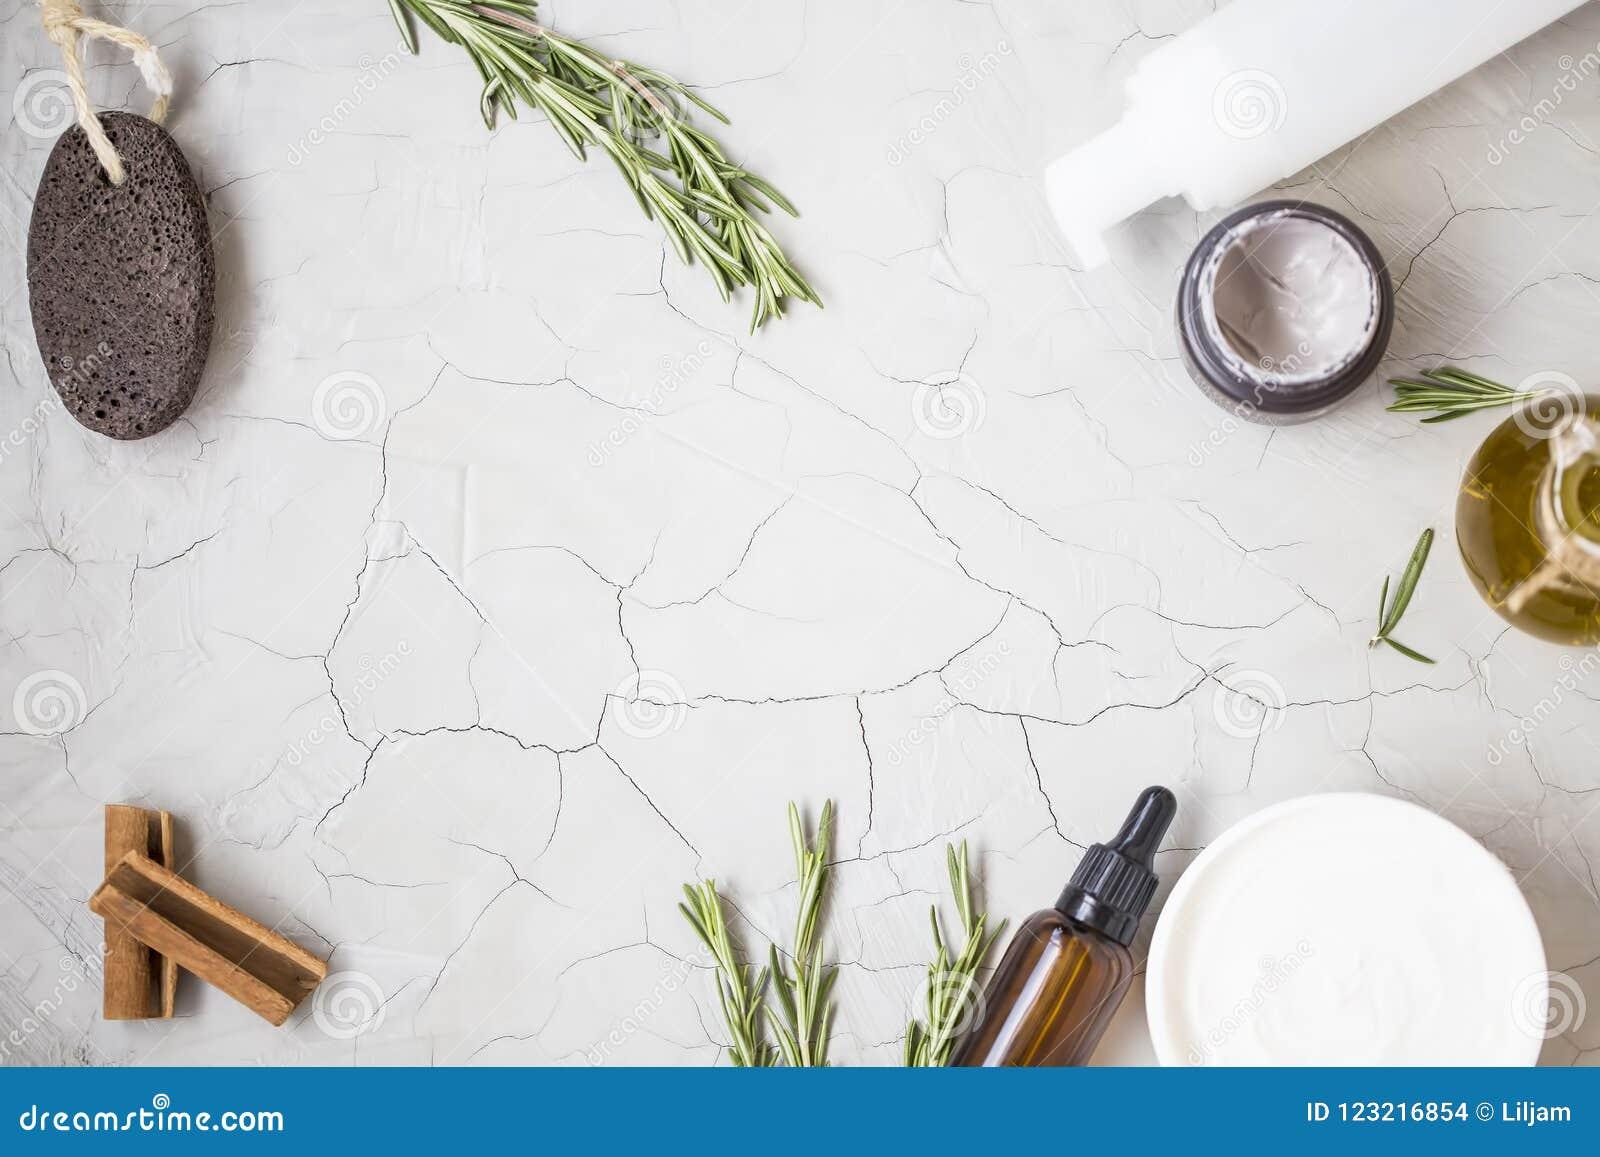 有机skincare产品flatlay与油瓶,轻石,橄榄